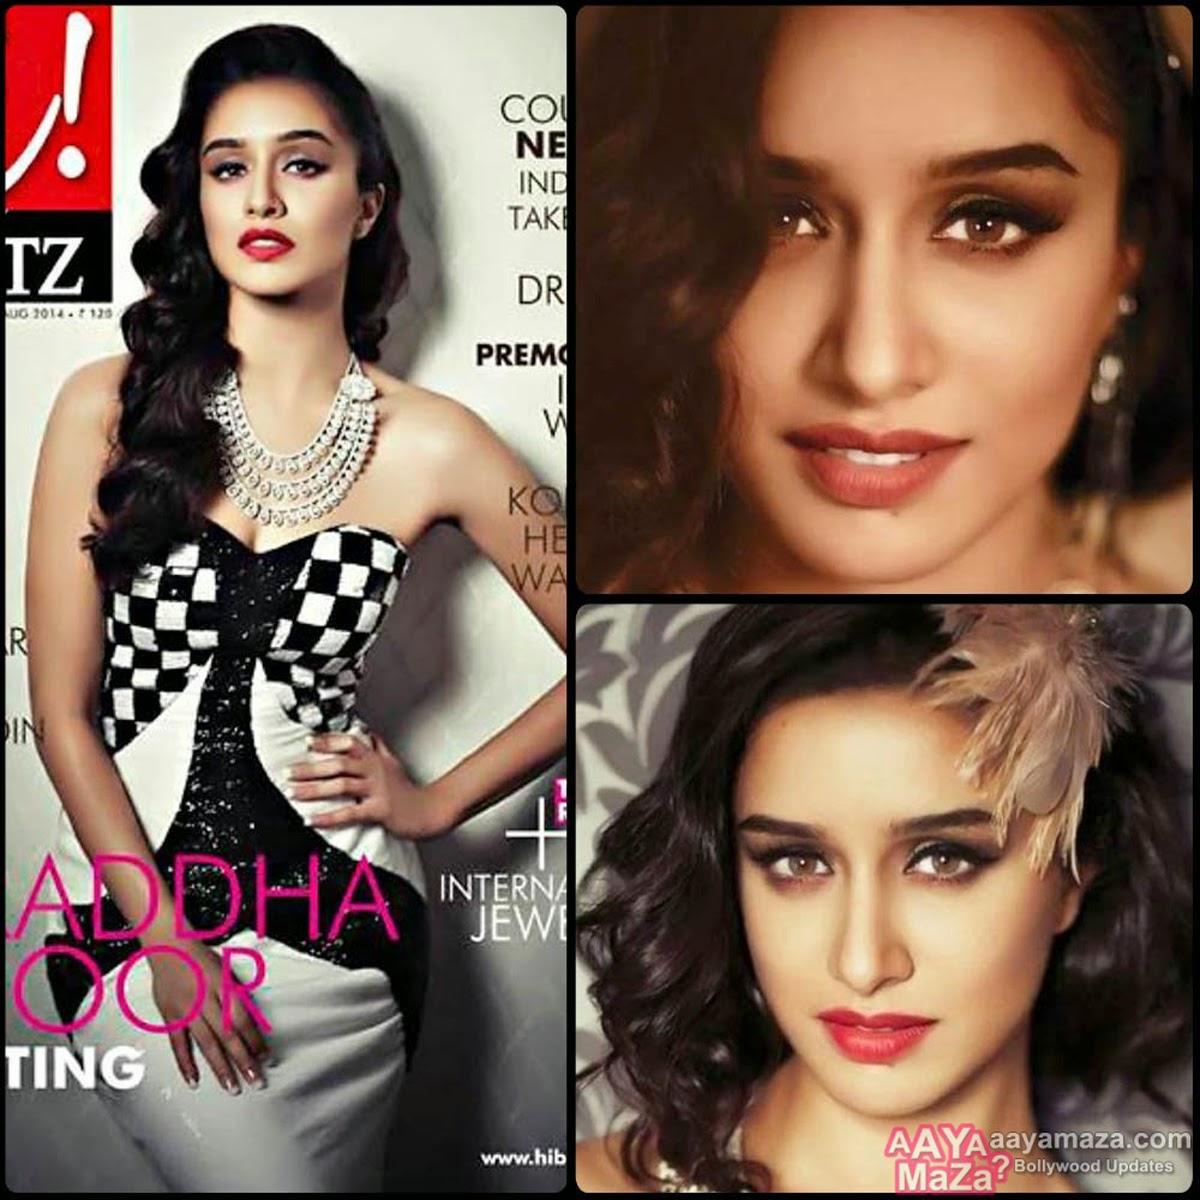 shraddha kapoor Hi blitz magazines august 2014 pics